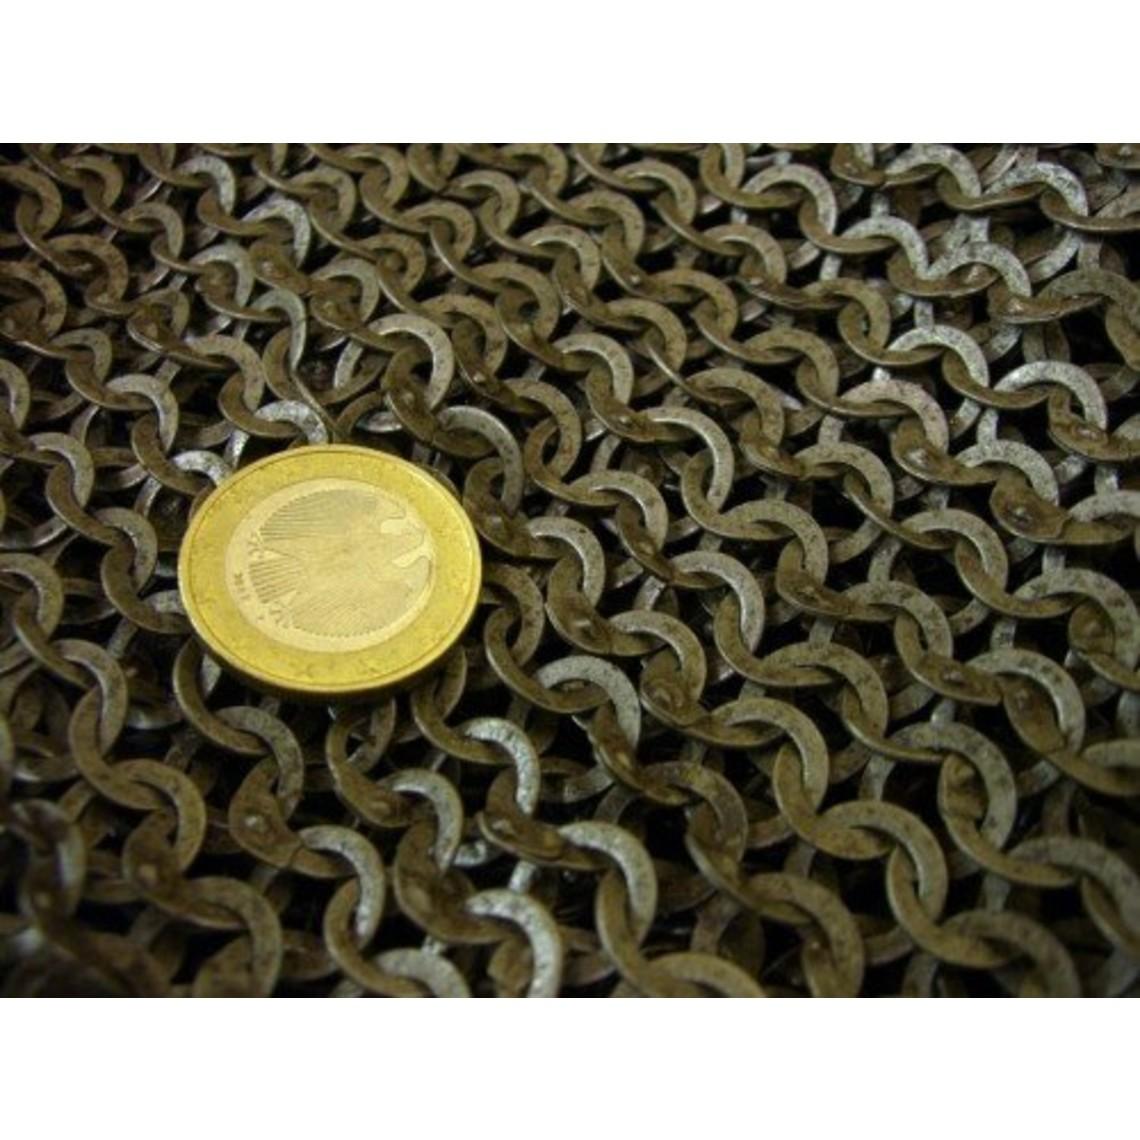 Ulfberth Épaule en maille en chaîne, anneaux plats - rivets en coin, 8 mm